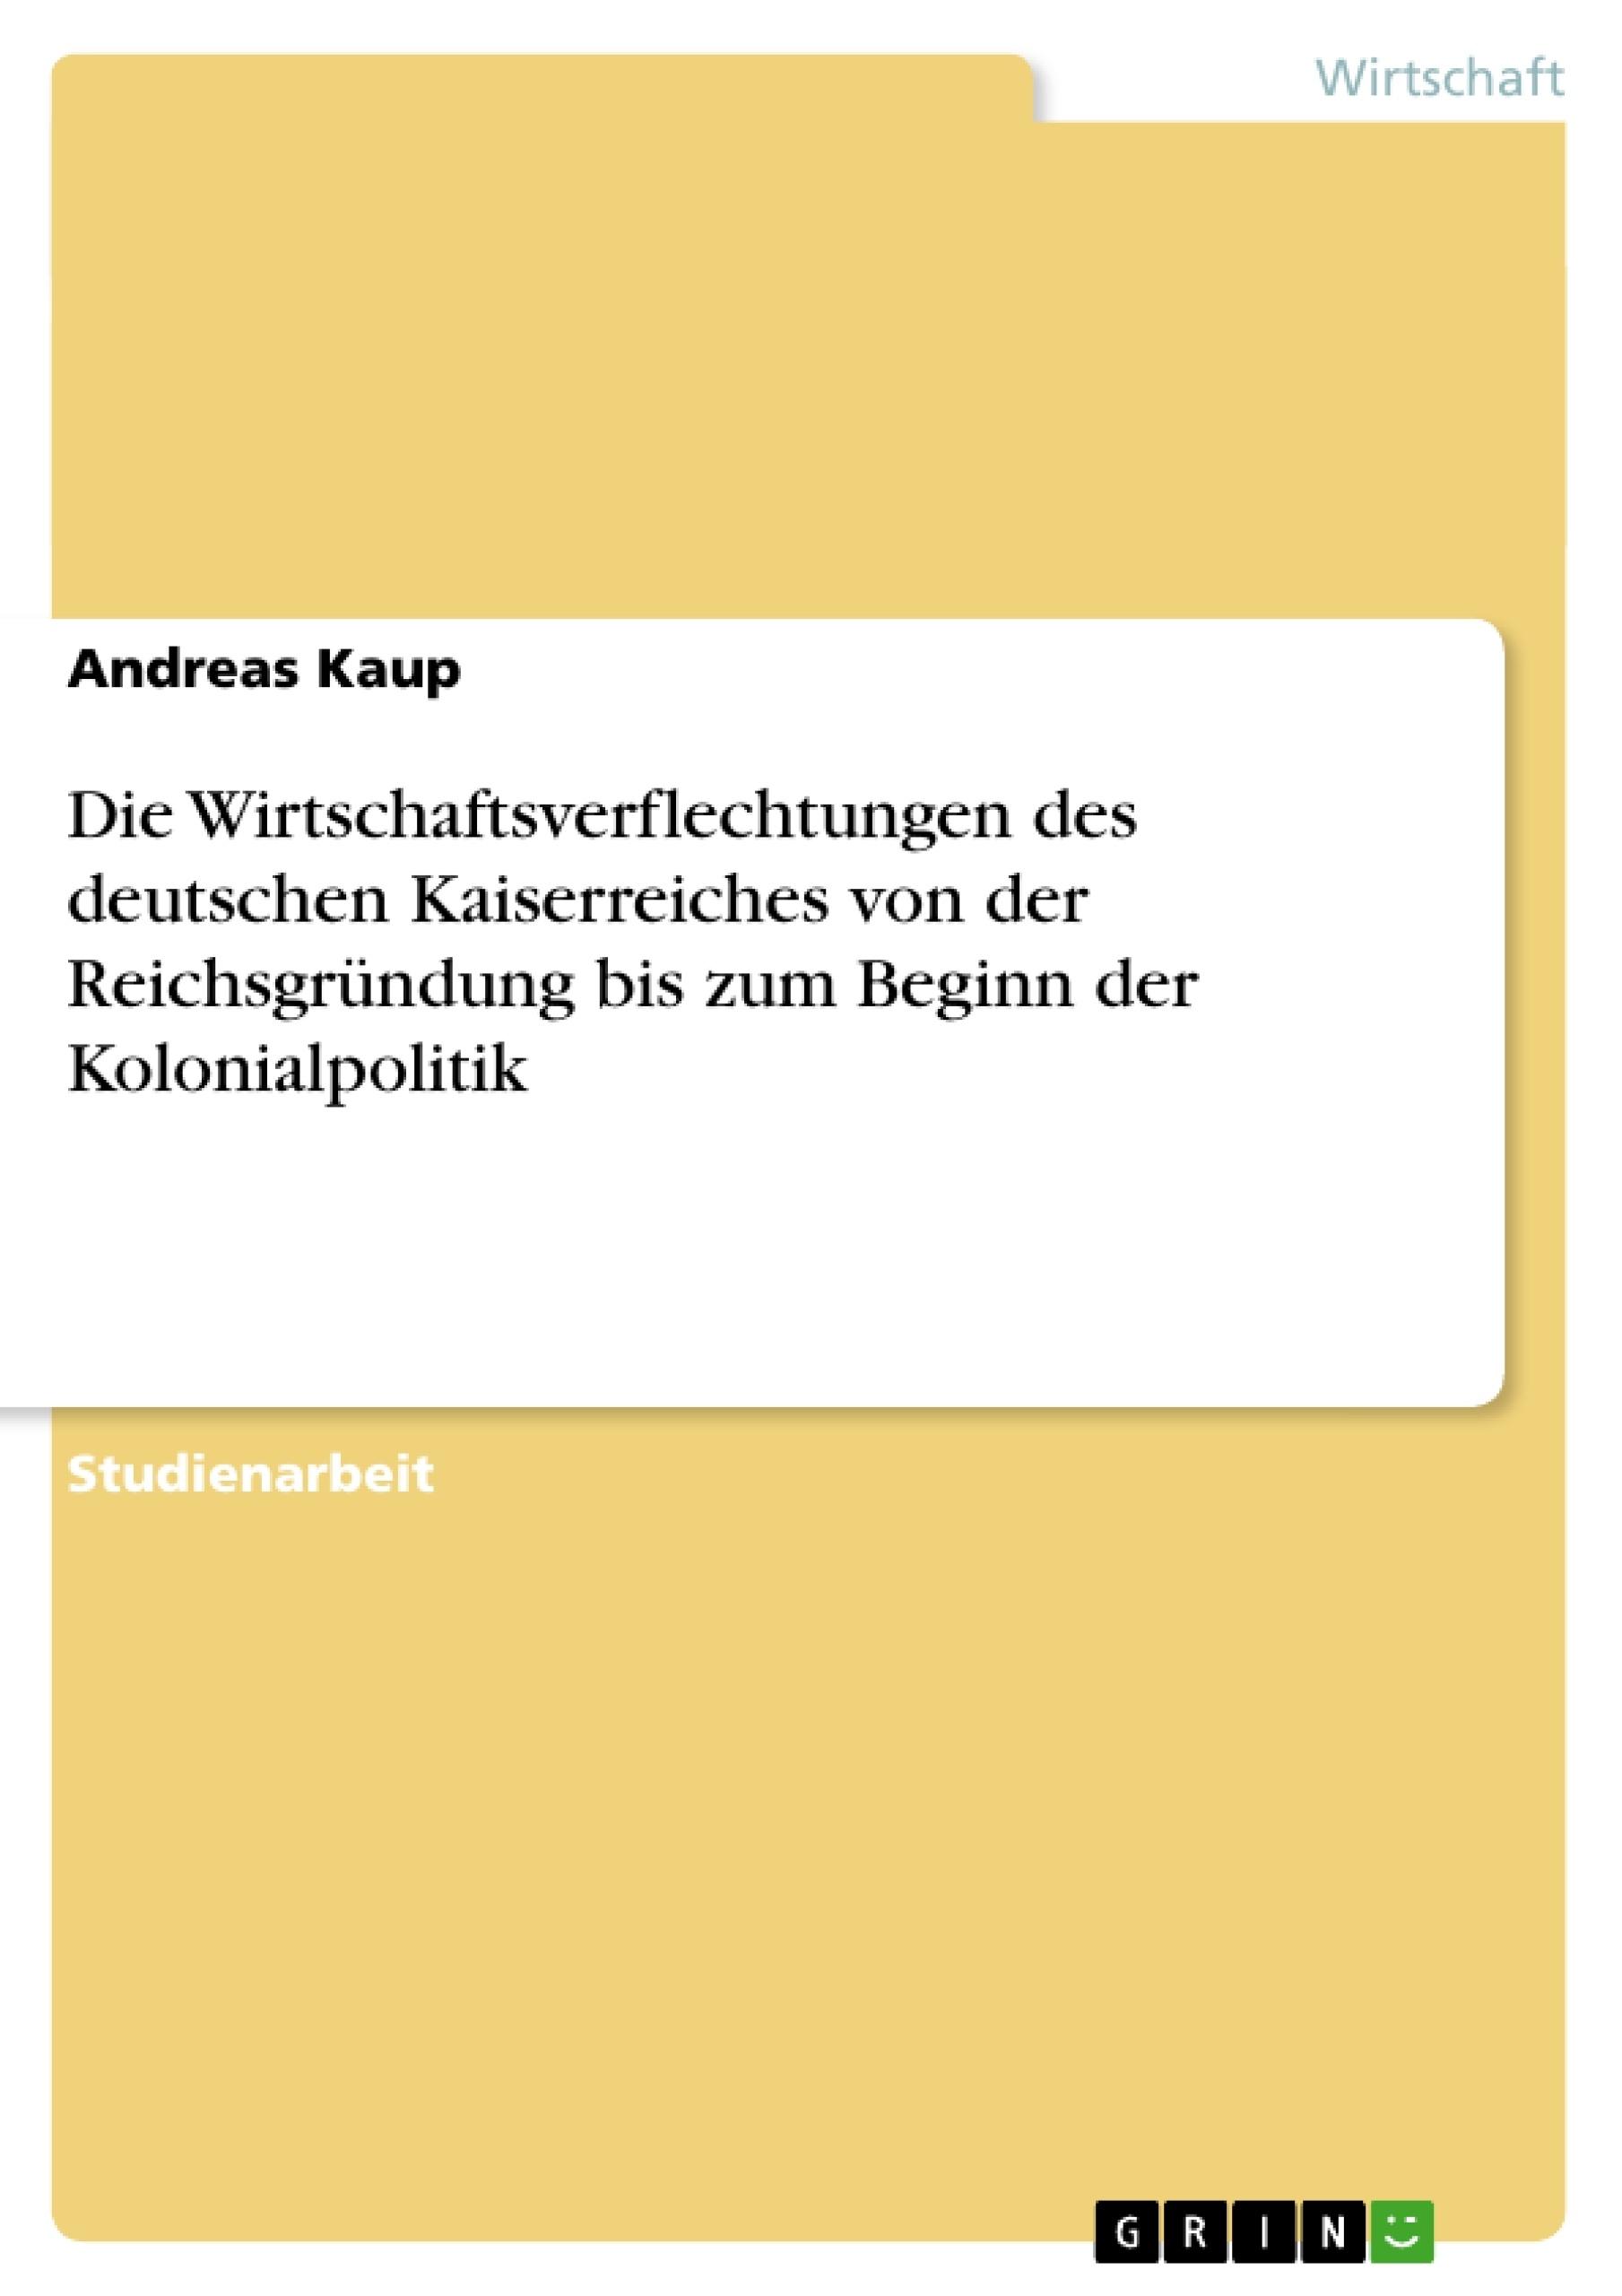 Titel: Die Wirtschaftsverflechtungen des deutschen Kaiserreiches von der Reichsgründung bis zum Beginn der Kolonialpolitik